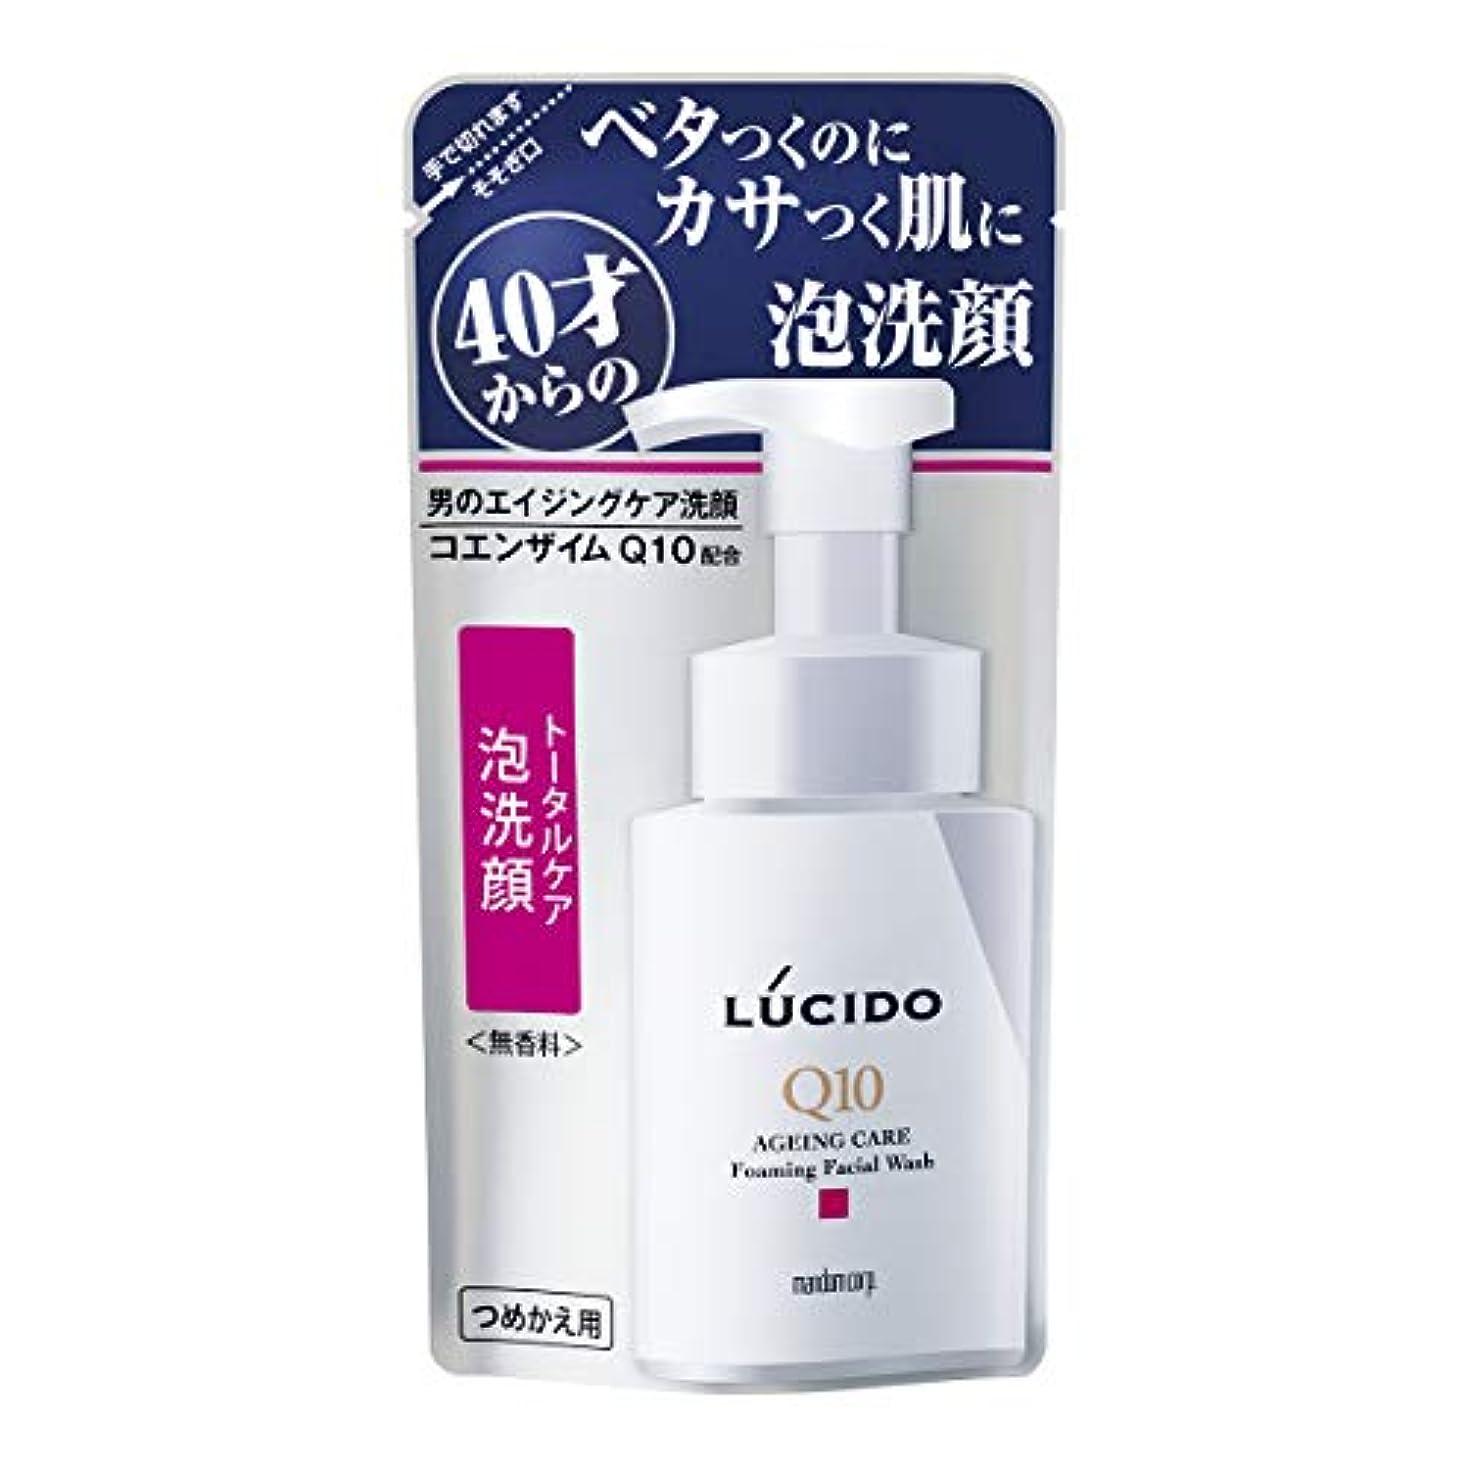 華氏各丁寧LUCIDO(ルシード) トータルケア泡洗顔 つめかえ用 Q10 130mL